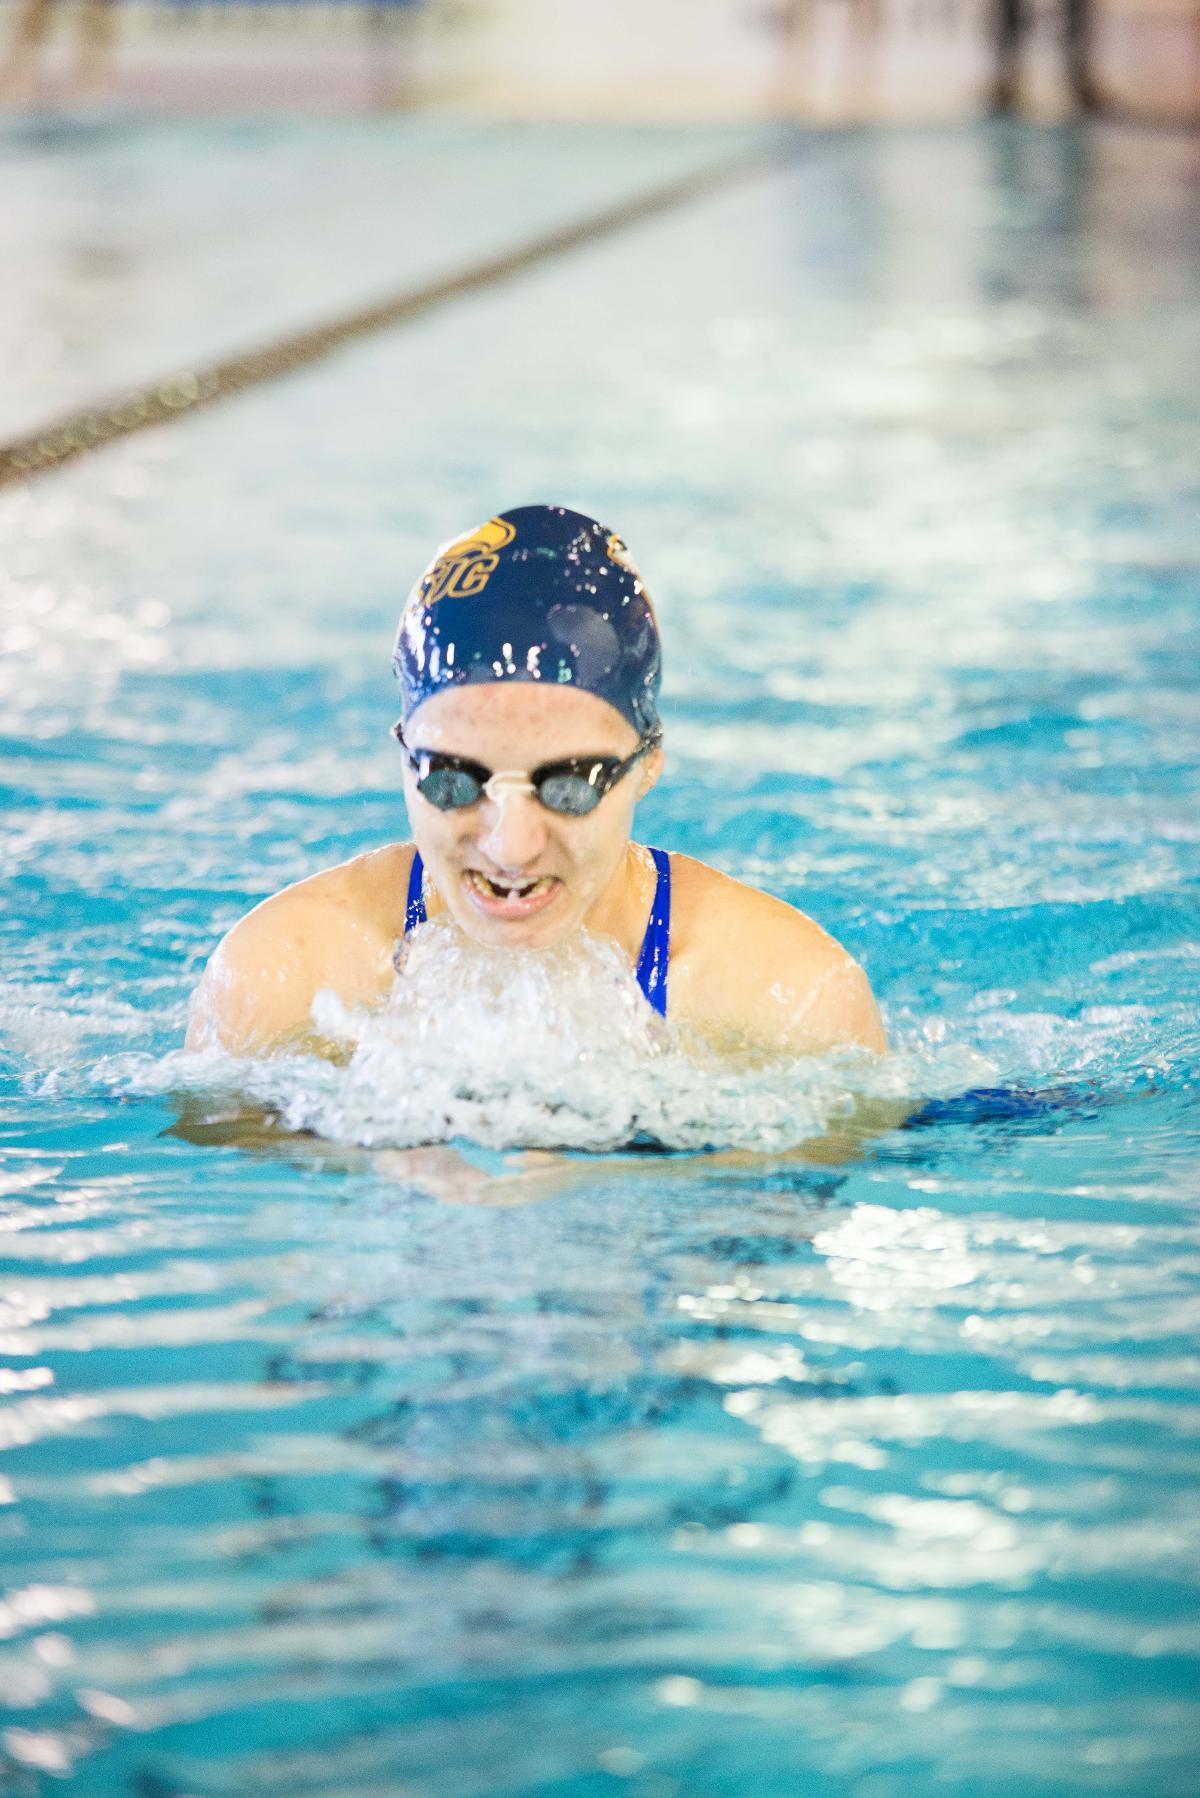 2015 16 Women 39 S Swimming Senior Day 11 21 St Joseph 39 S College Long Island Golden Eagles